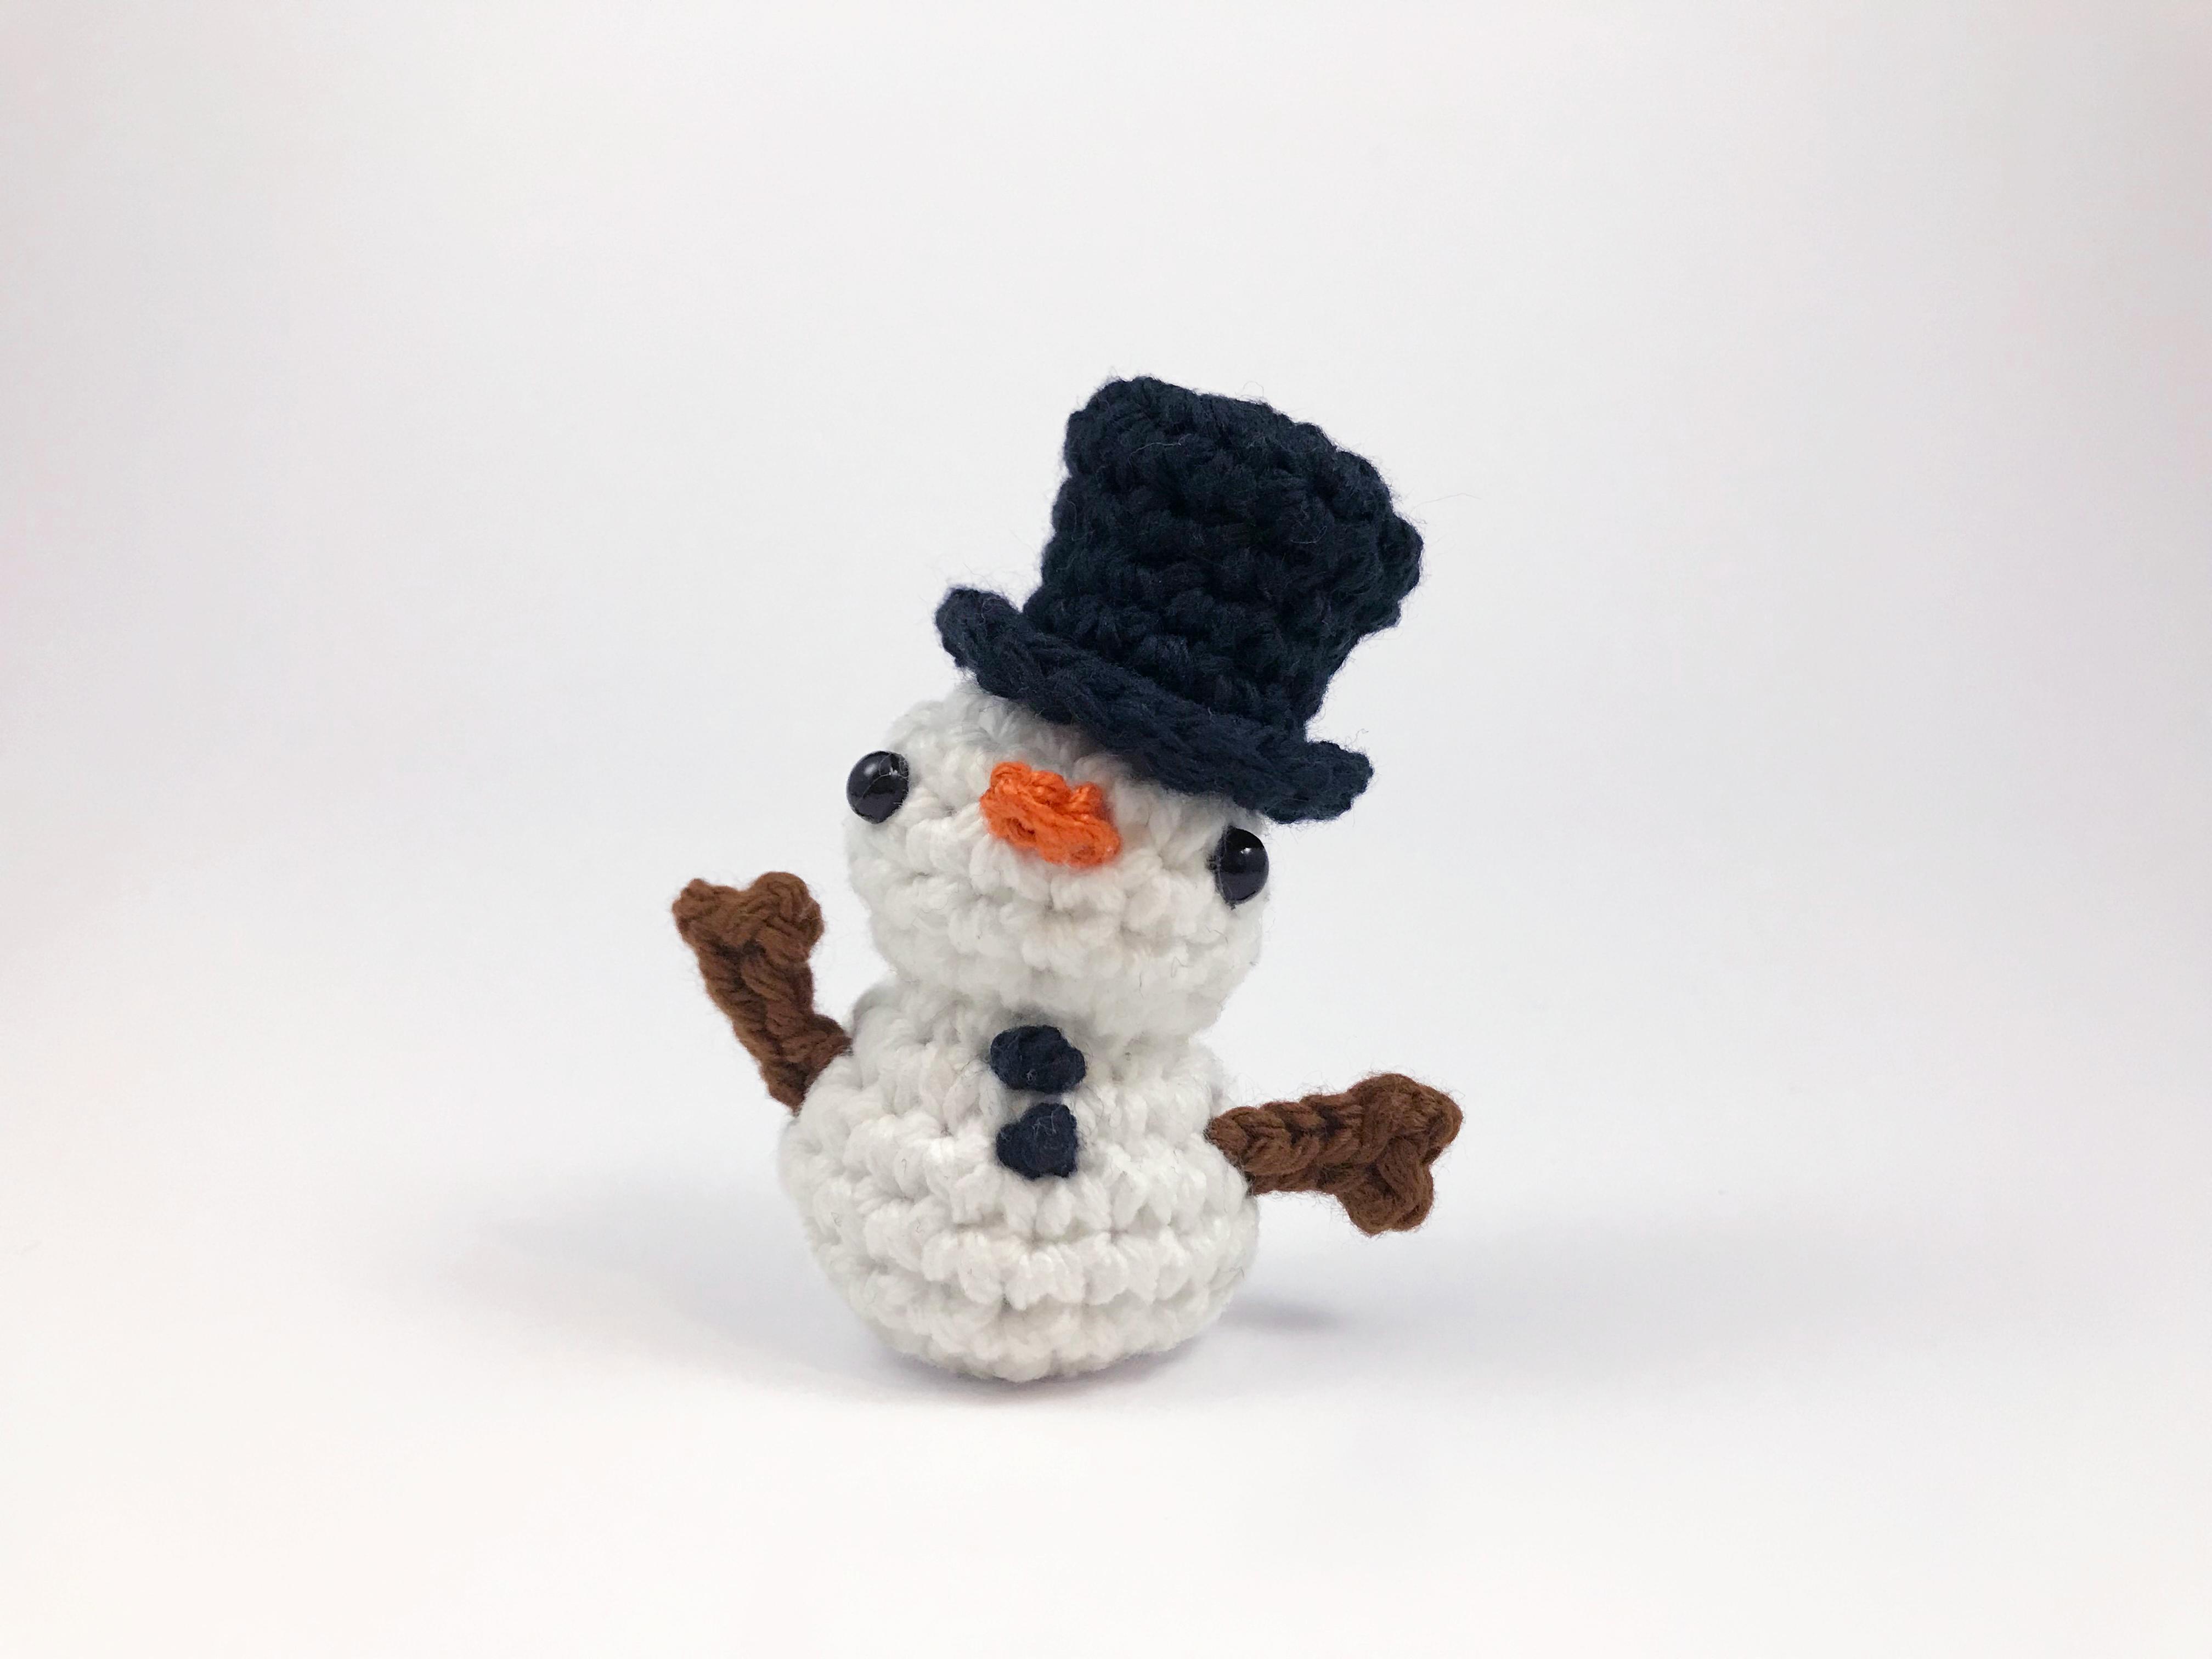 crocheted snowman amigurumi by club crochet 3